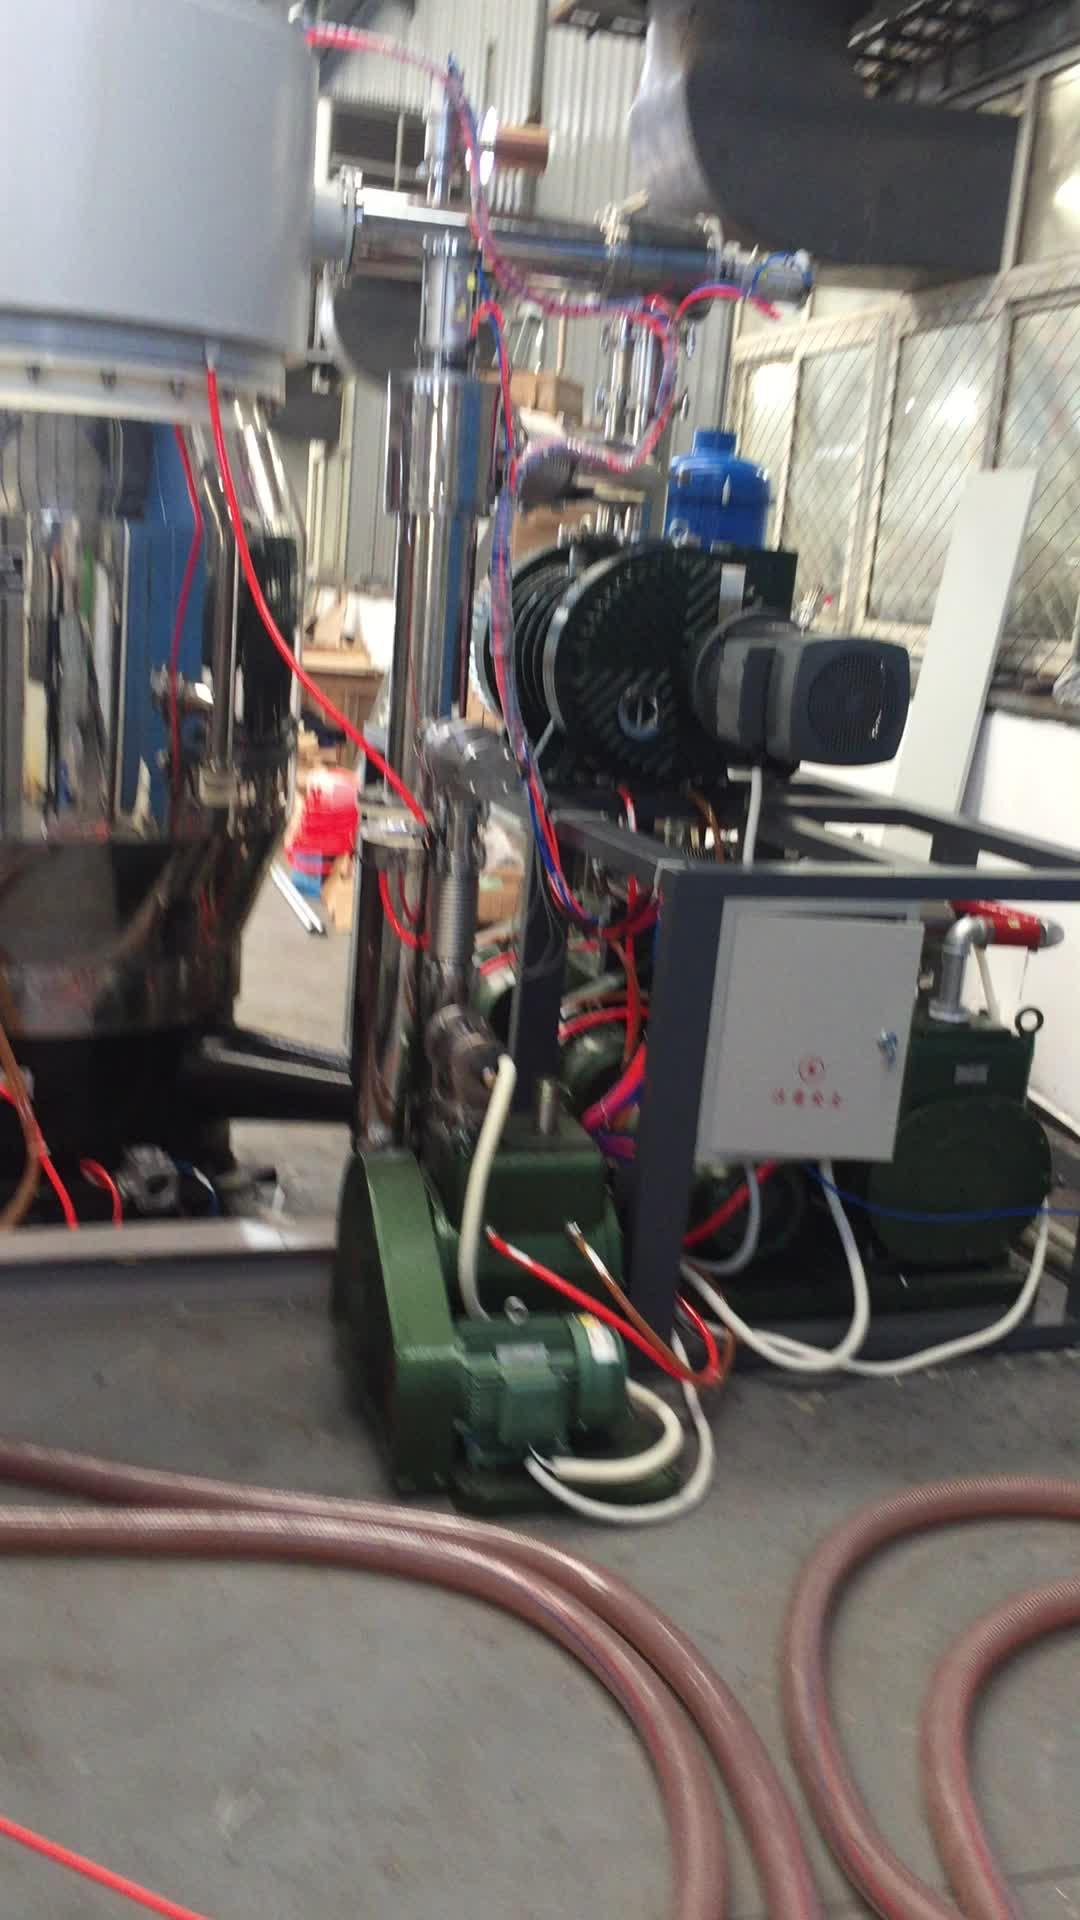 Film kaplama makinesi/dekoratif gözlük çerçeveleri vakum kaplama makinesi